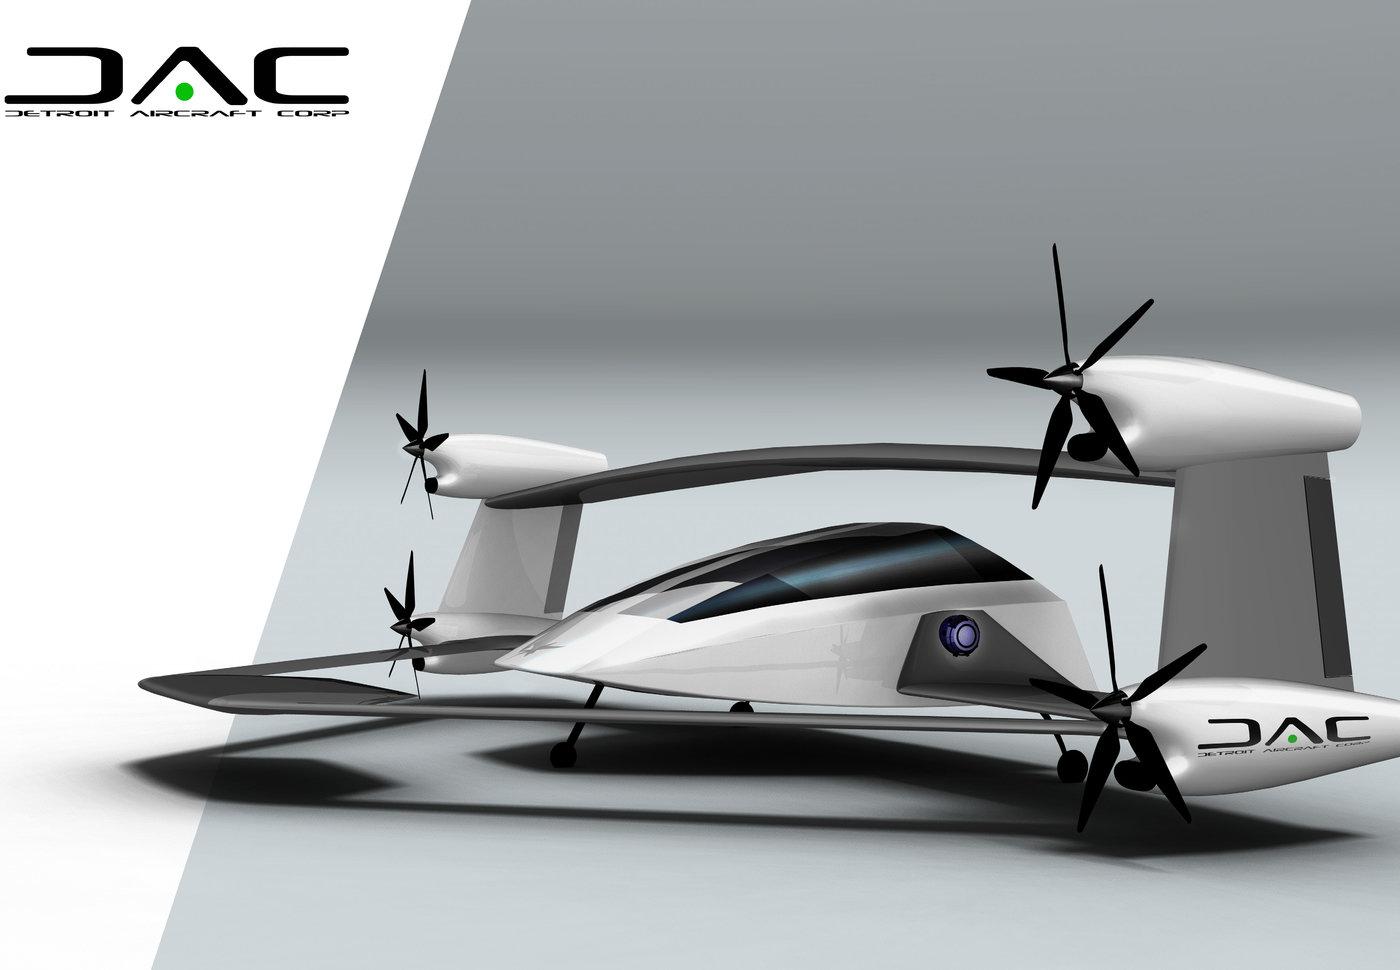 Vtol Aircraft Design For Dac By Shabtai Hirshberg At